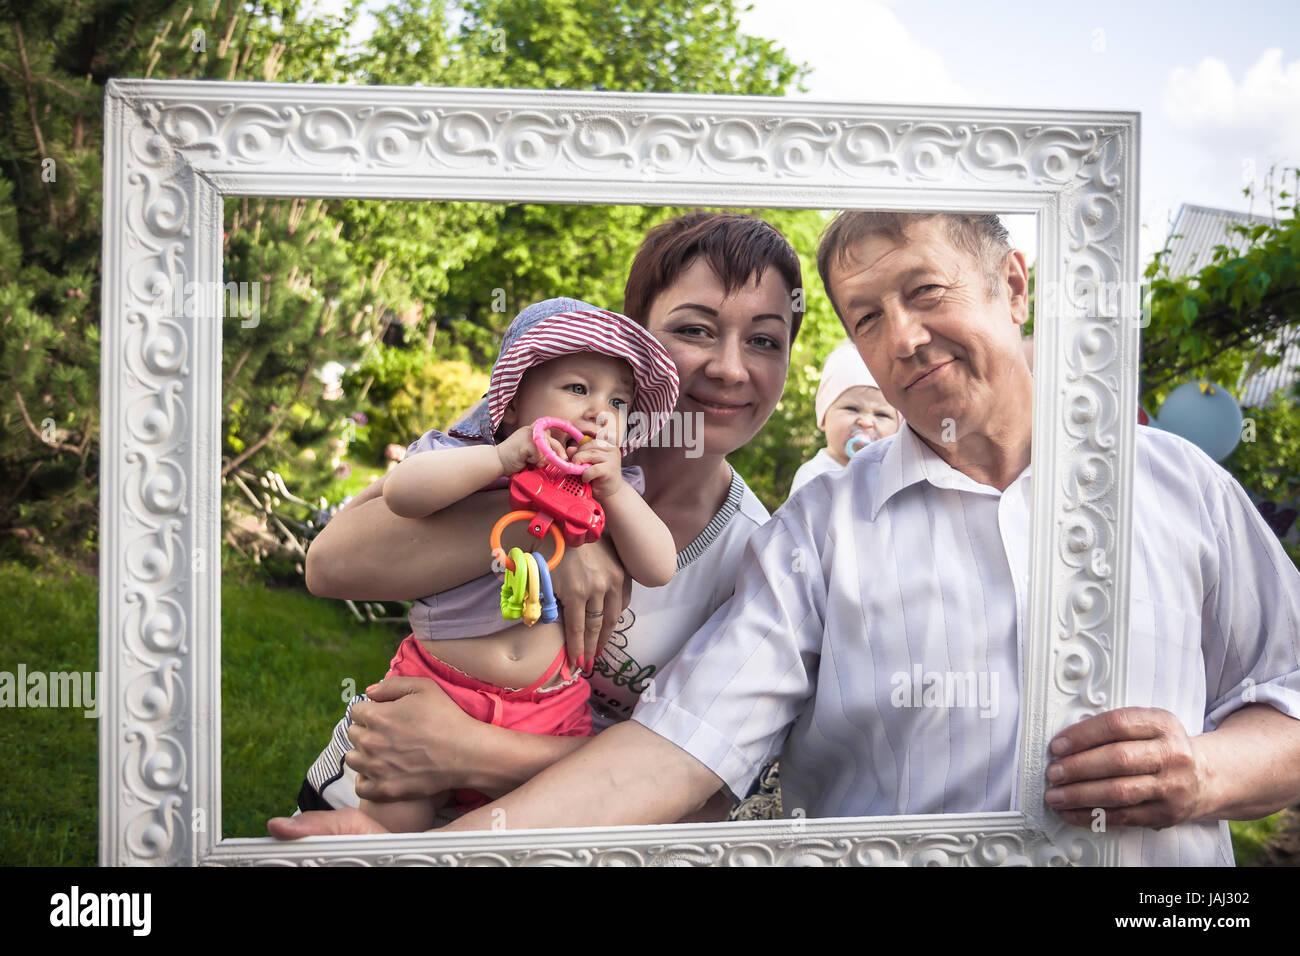 Retrato de familia feliz alegre abuelo con su hija y su nieto durante la fiesta al aire libre Imagen De Stock